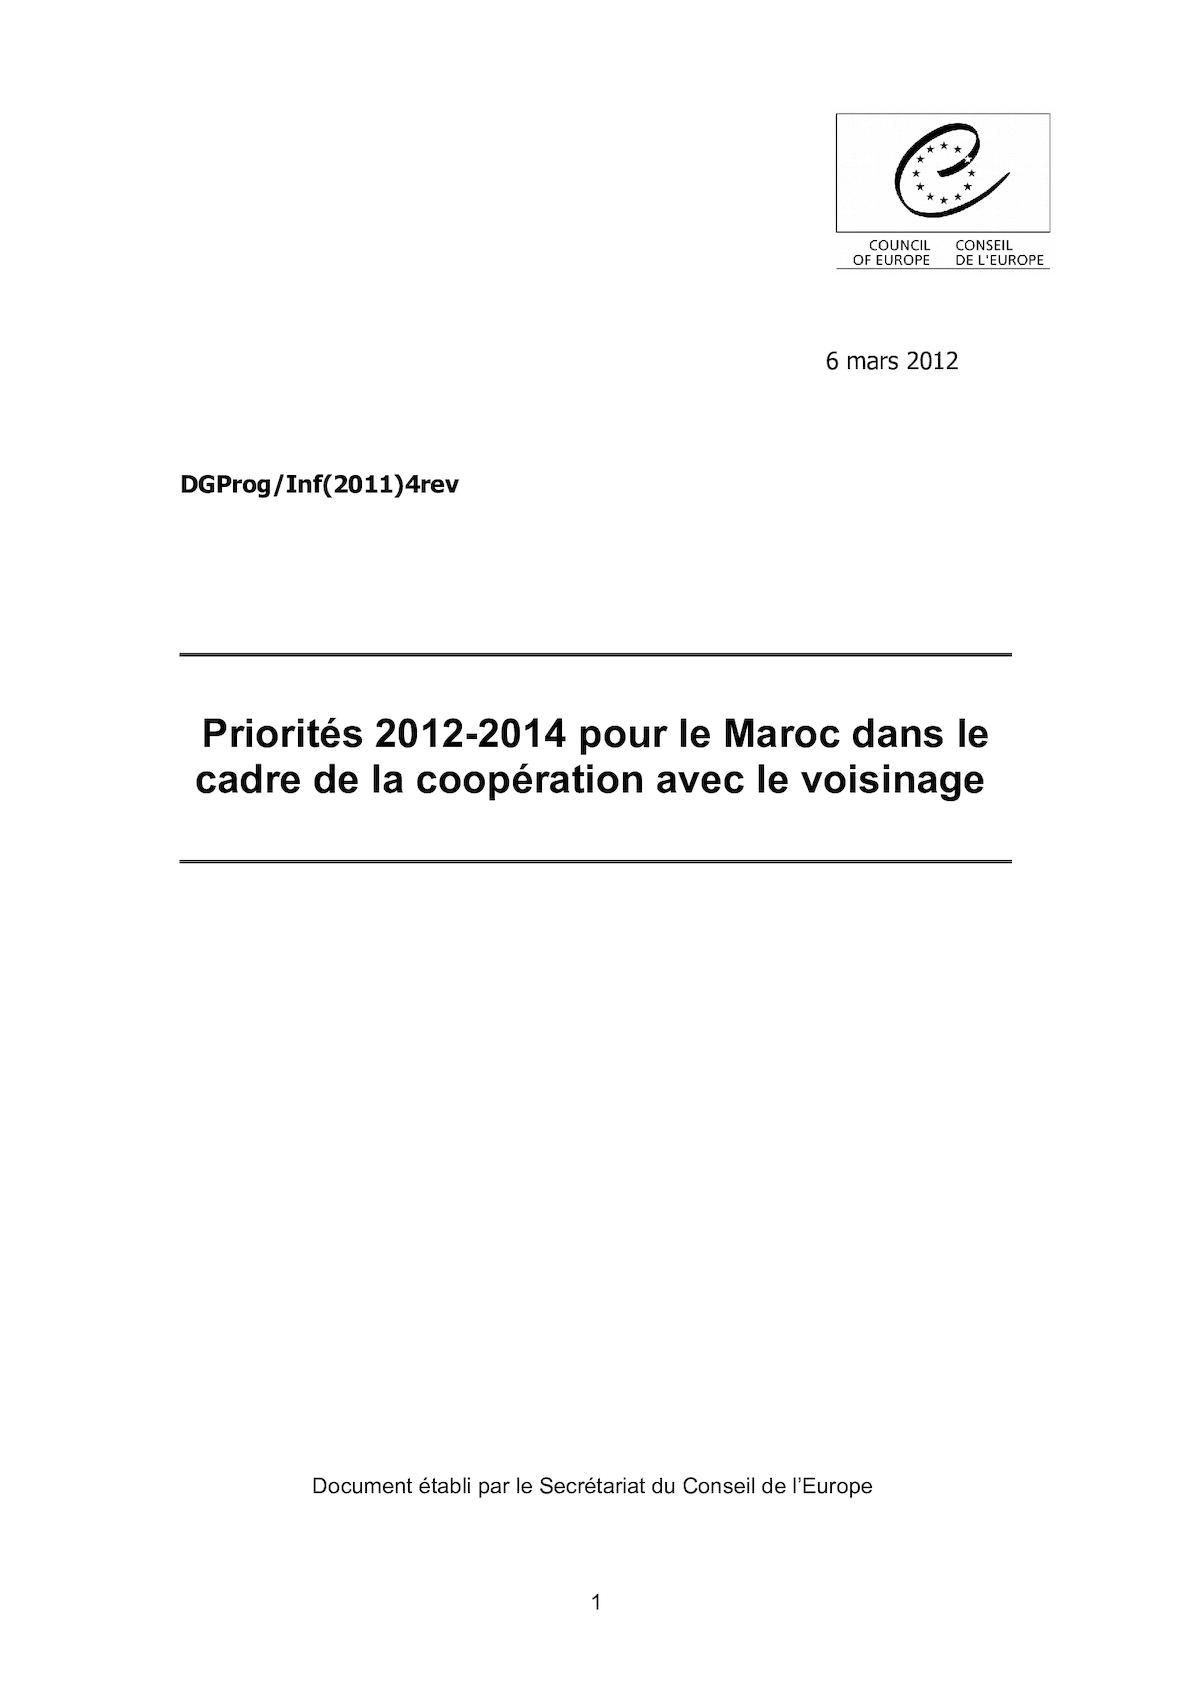 Priorites 2012 2014 Pour Le Maroc Dans Le Cadre De La Cooperation Avec Le Voisinage